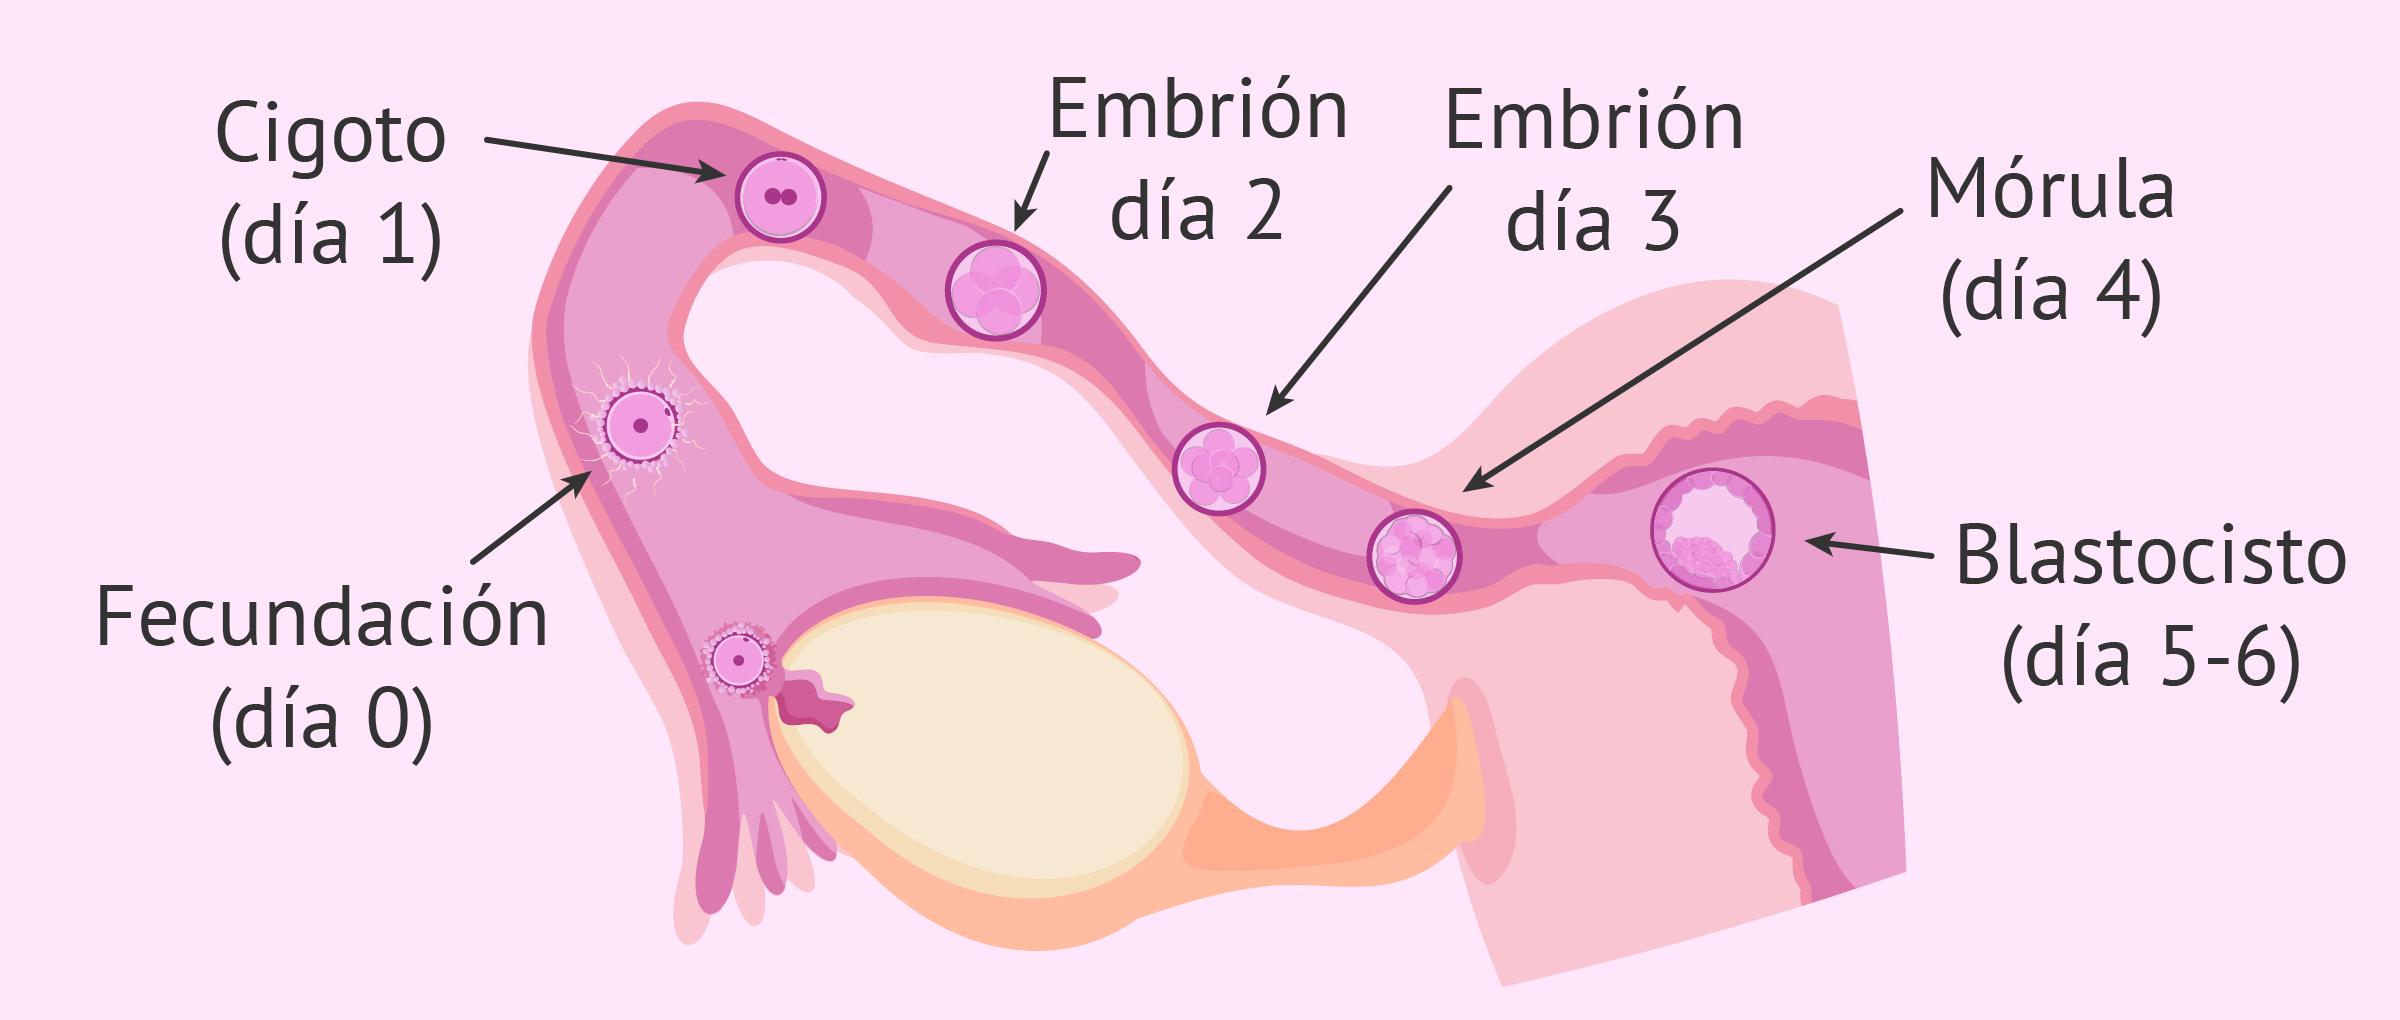 Semana 3 De Embarazo Inicio Del Desarrollo Del Embrión